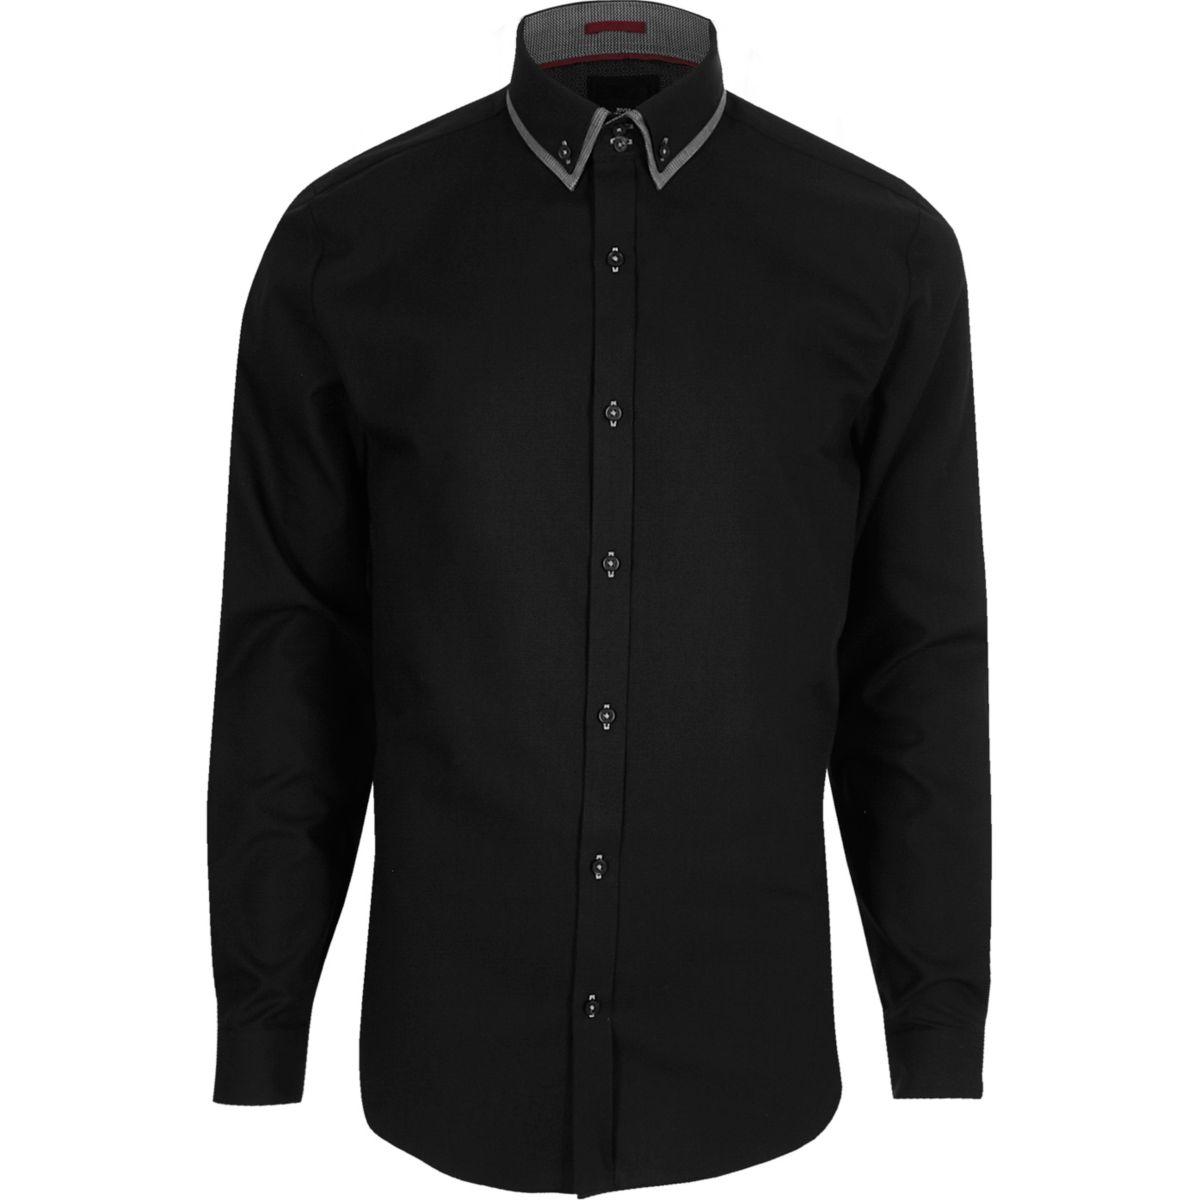 Schwarzes, elegantes Slim Fit Hemd mit Doppelkragen